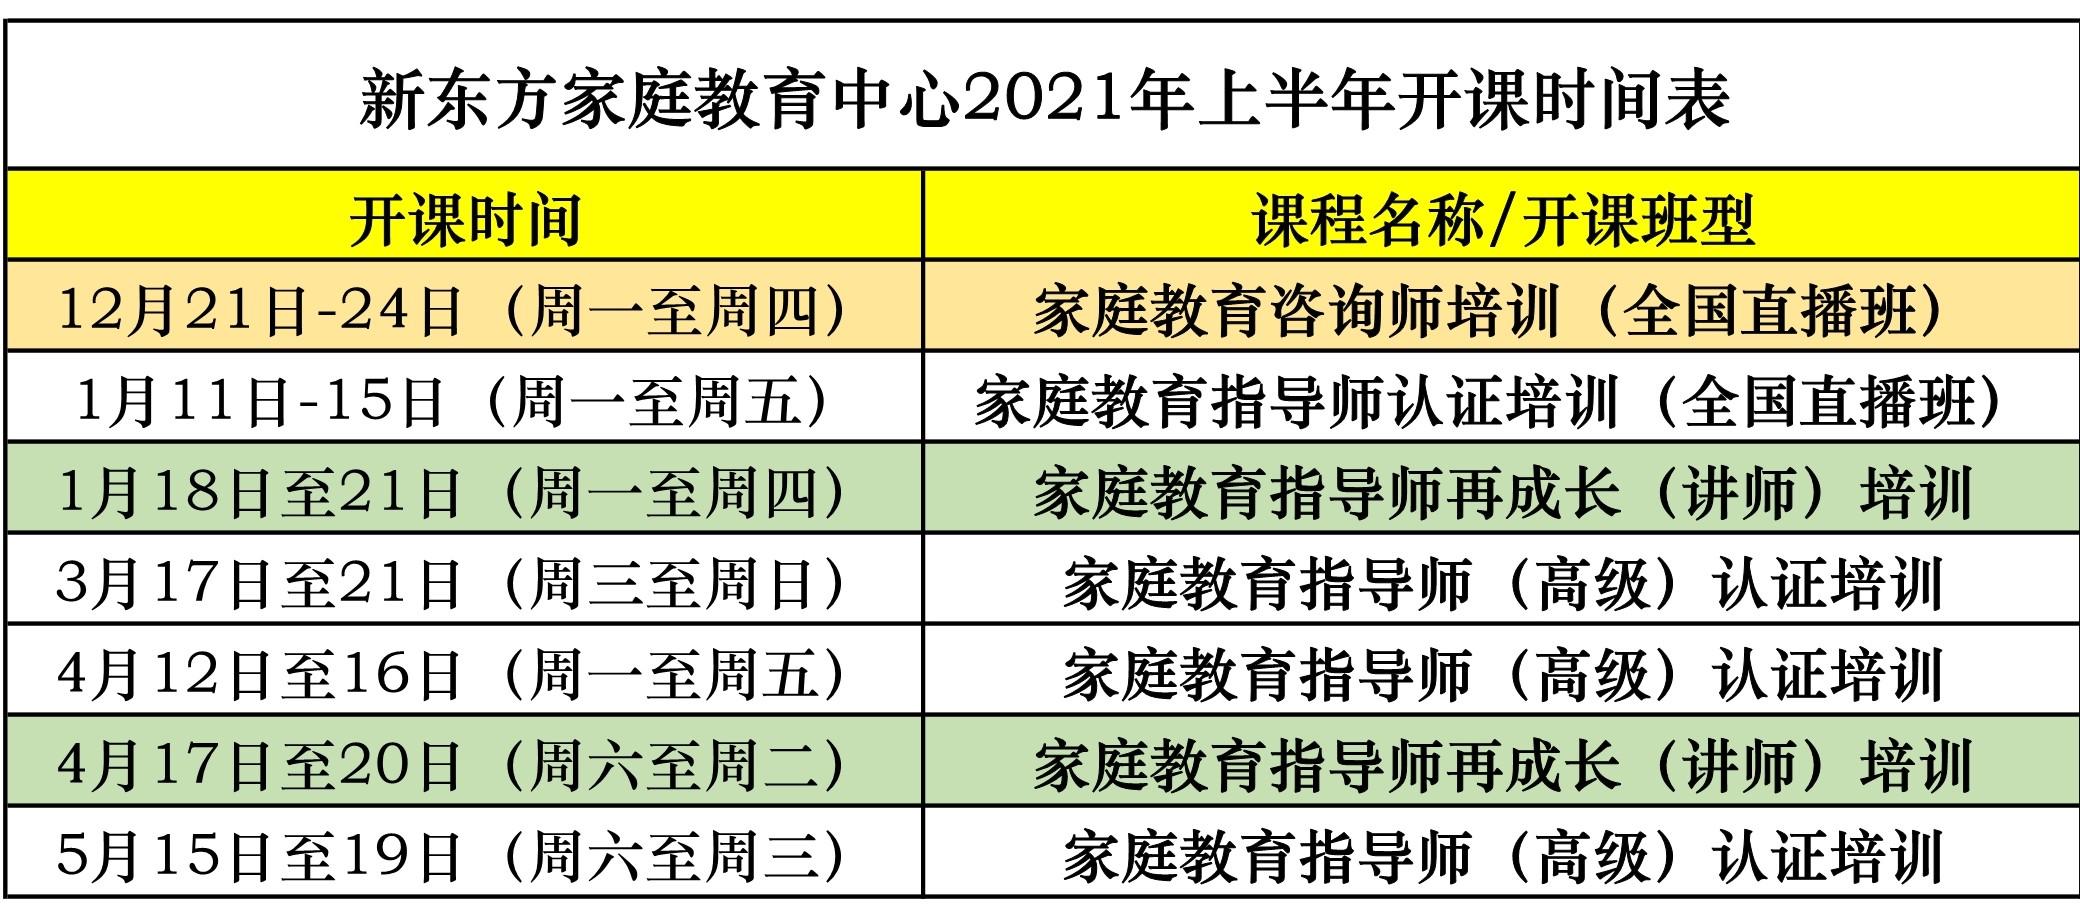 2020-2021年開課時間表0111.jpg